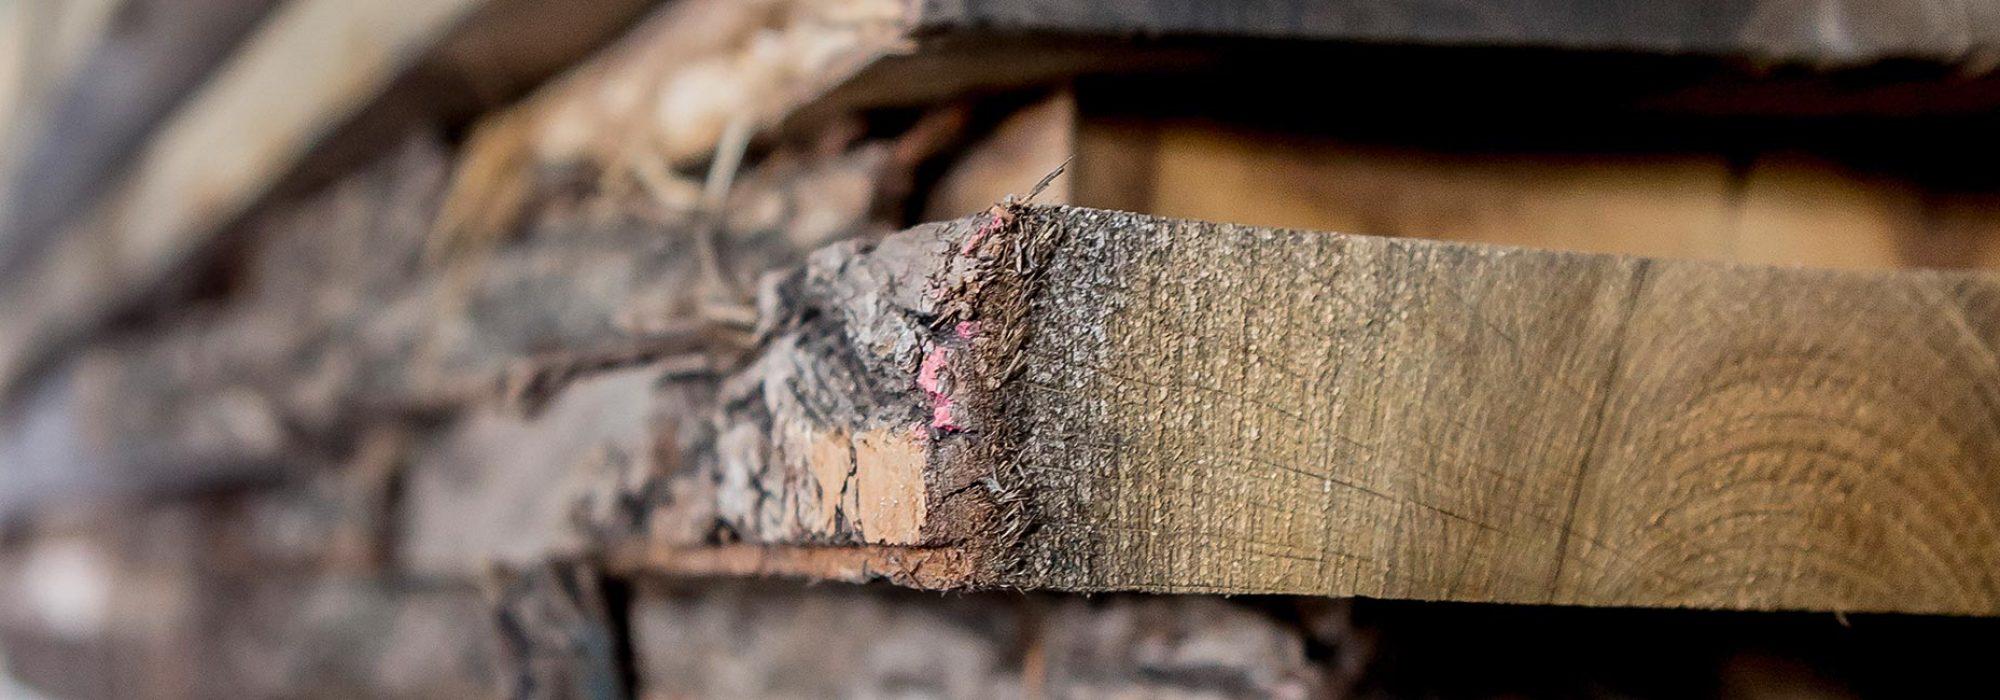 Holz und Altholz wird verarbeitet von der Schreinerei Waldbauer